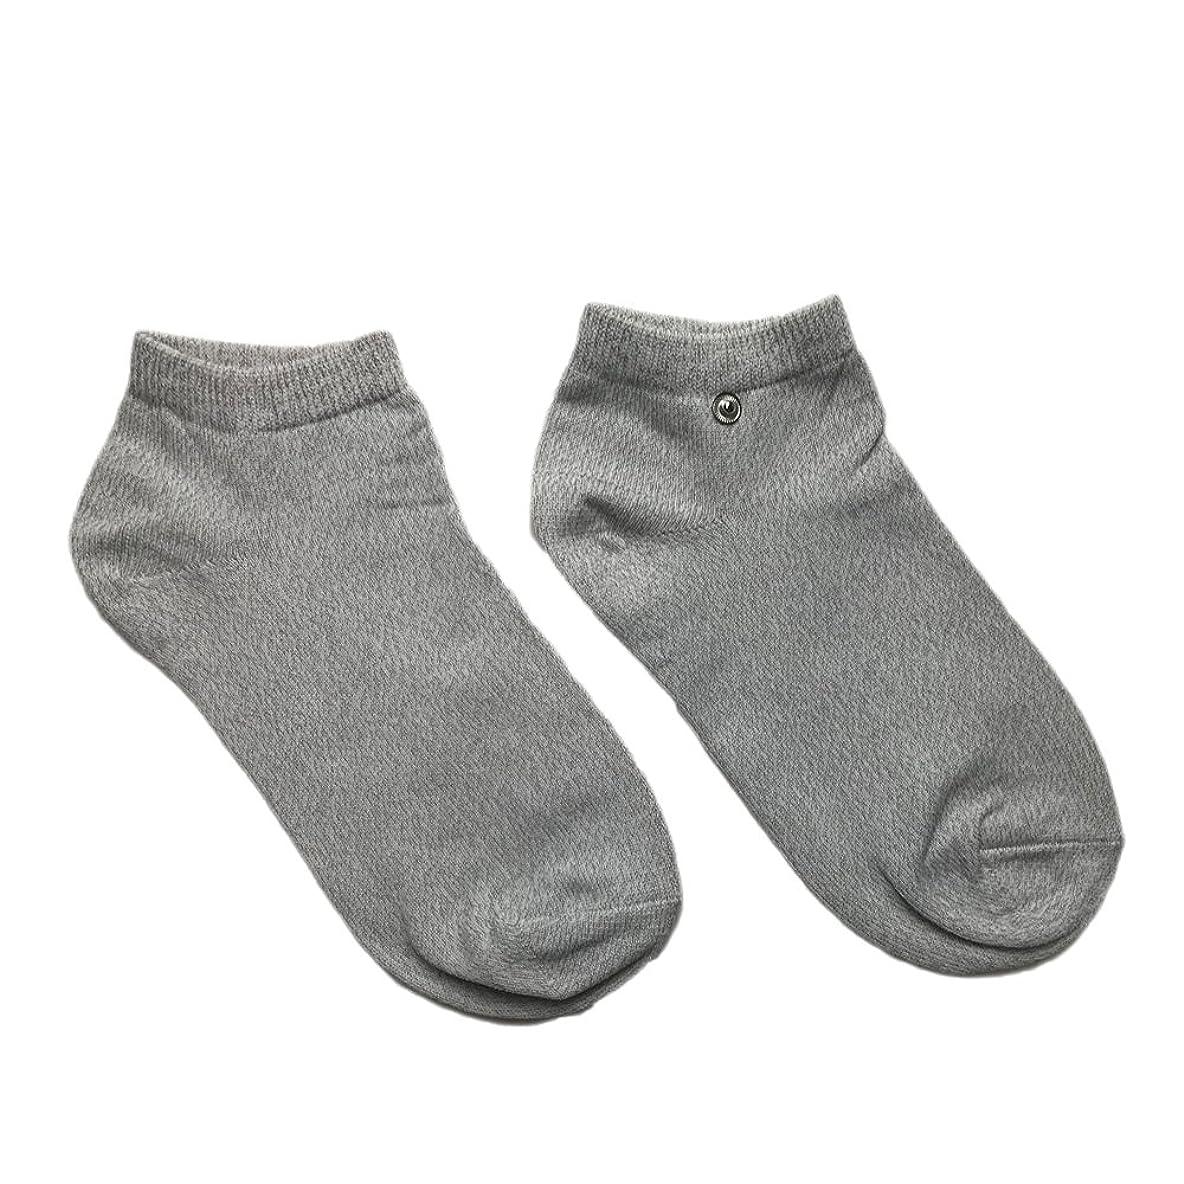 活気づくスクラッチ試みriraku-life(??????) 大地と繋がるアーシング健康法用 アーシングソックス(low) 導電性靴下 (M)